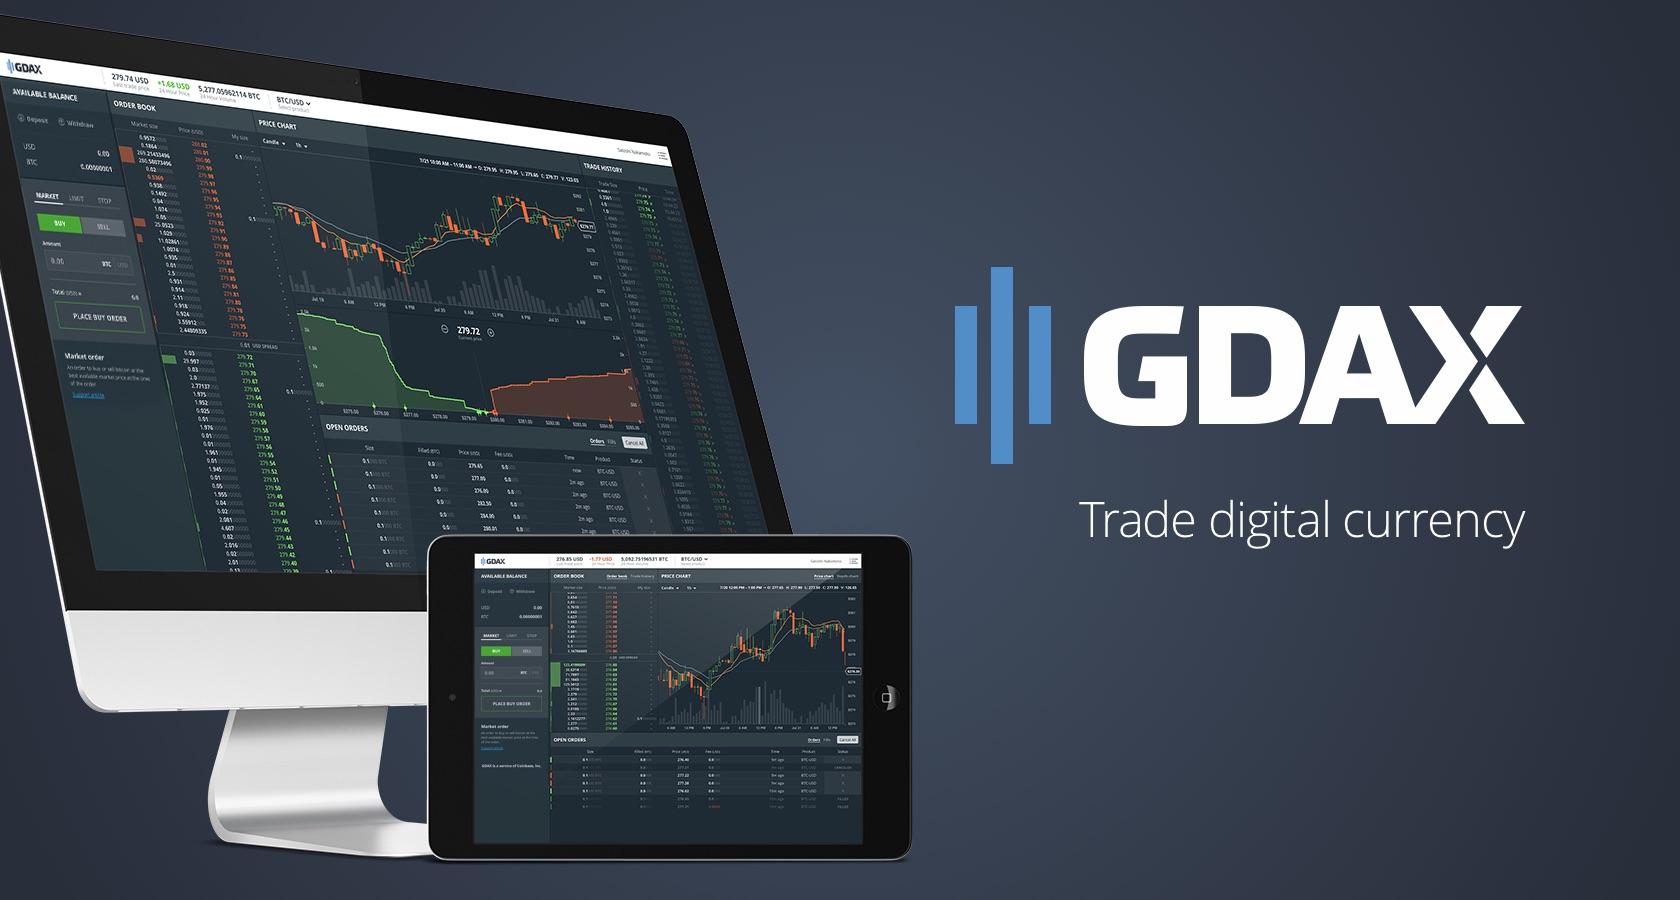 bitcoin, ethereum, litecoin, gdax, coinbase, casa de cambio, plataforma de cambio, margen de comercio, estados unidos, criptomonedas